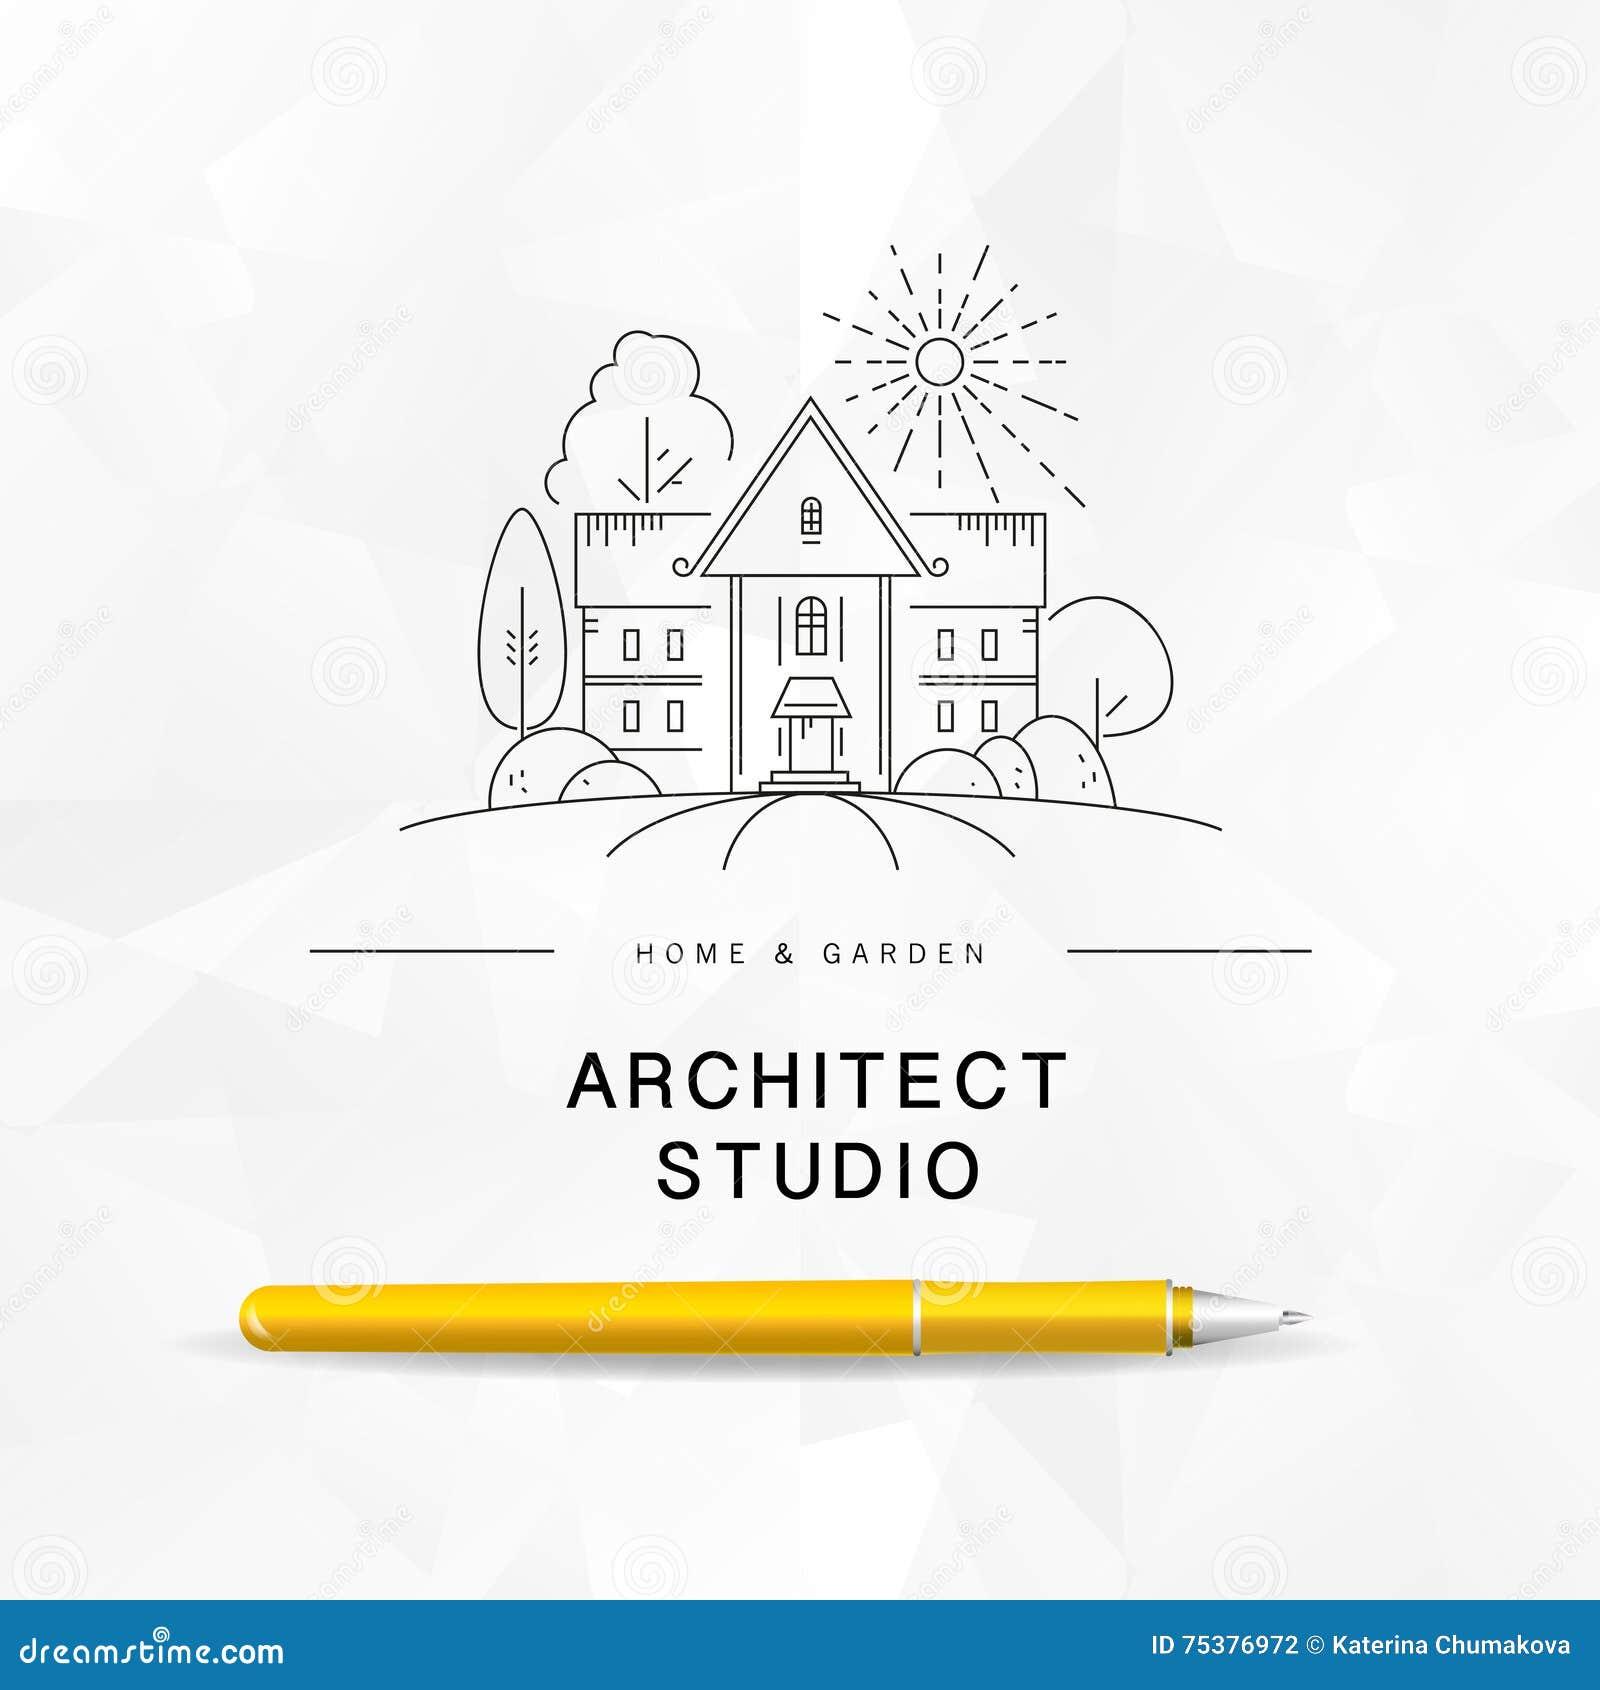 Vector flat architect studio logo design on white for Architecture studio design company